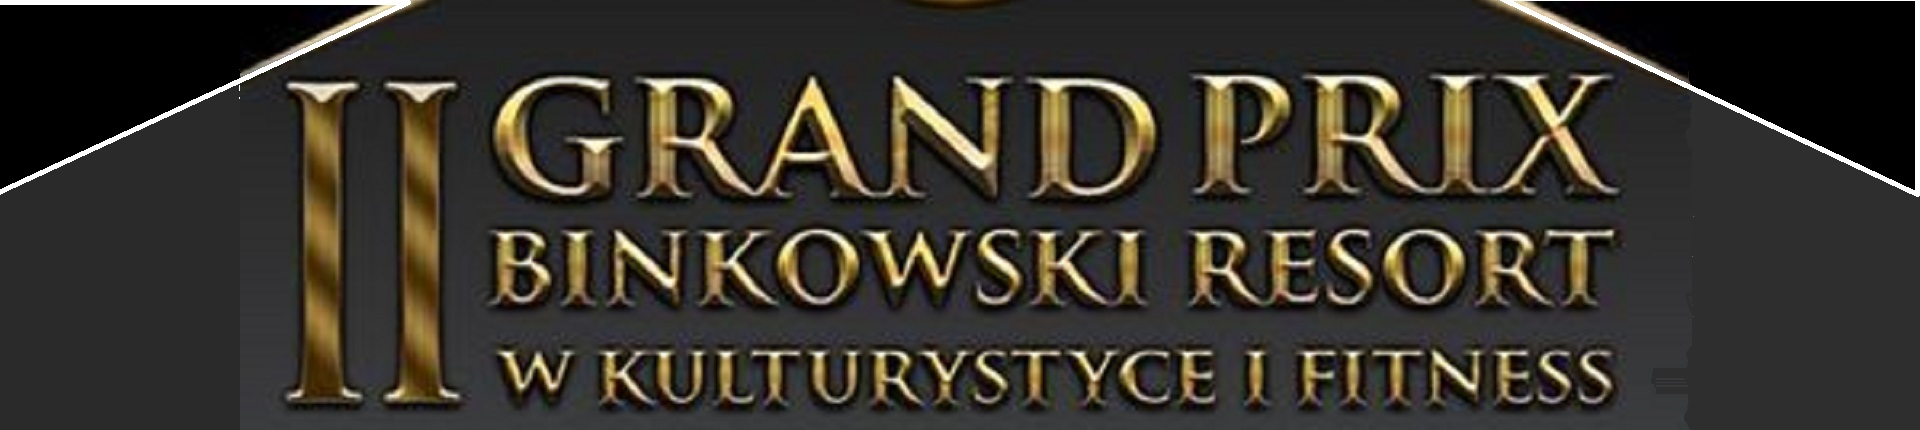 08-09.07.2017 II Grand Prix Binkowski Resort 2017